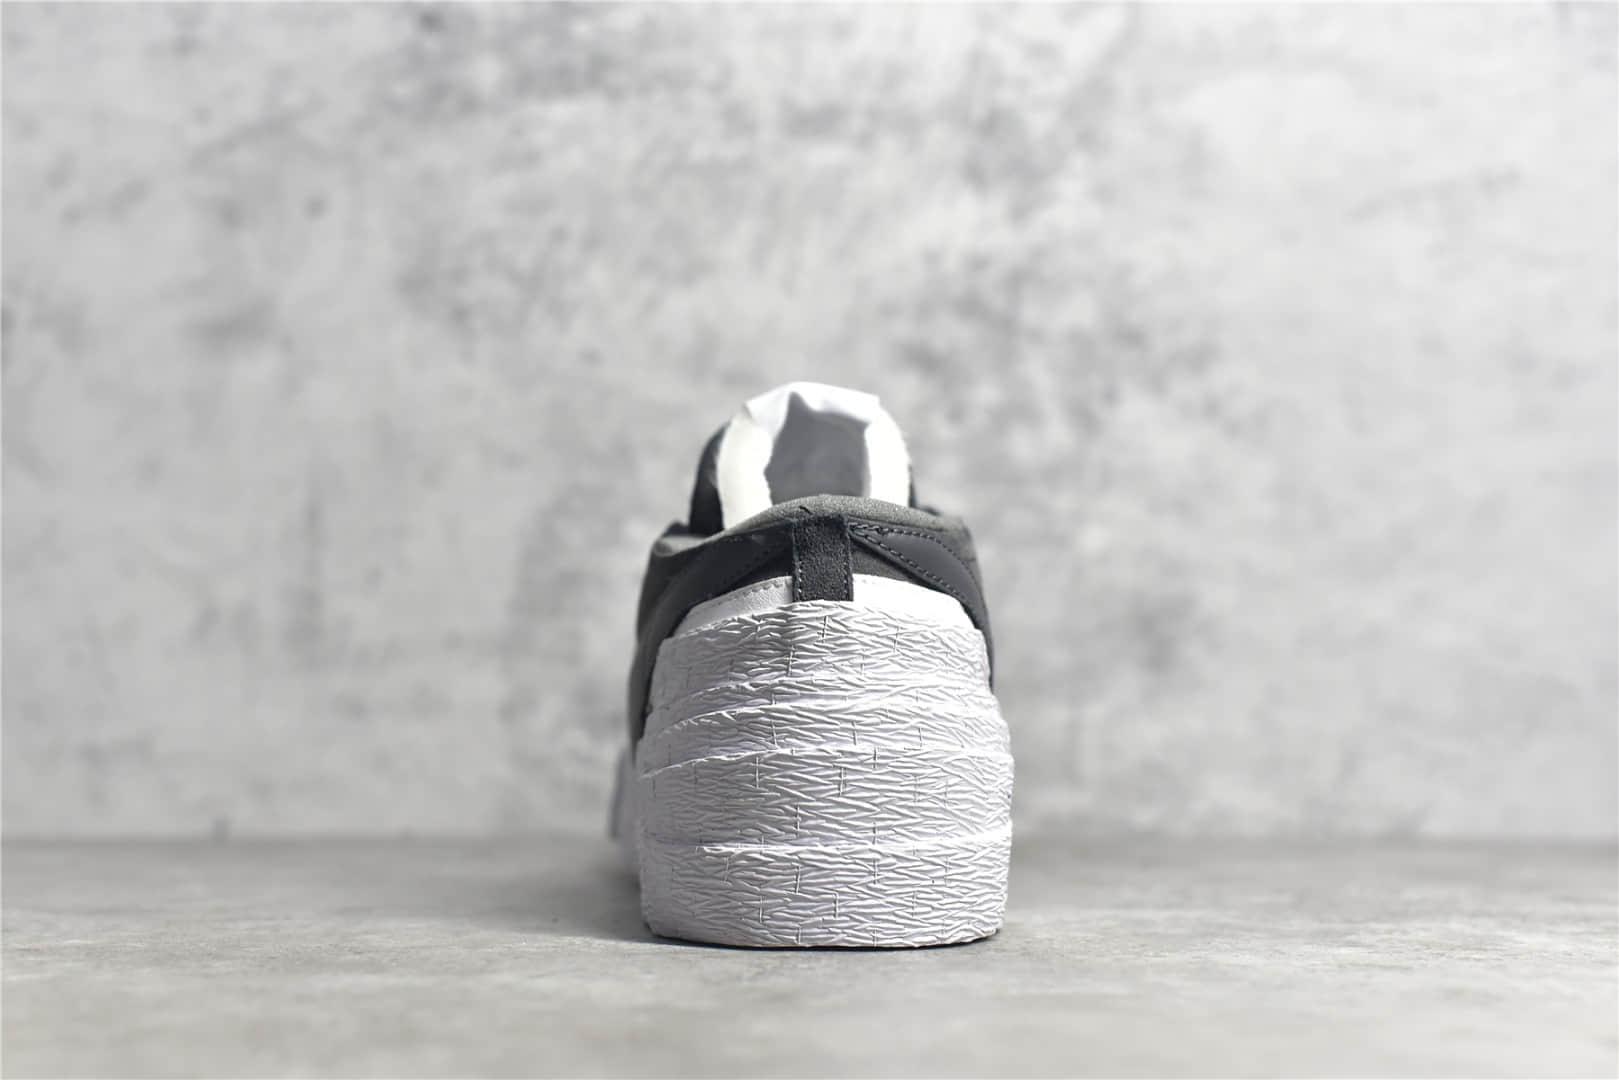 耐克Sacai联名黑色低帮 Sacai X Nike Blazer Low Dunk Dark Grey 耐克联名款低帮解构鞋 货号:DD1877-002-潮流者之家